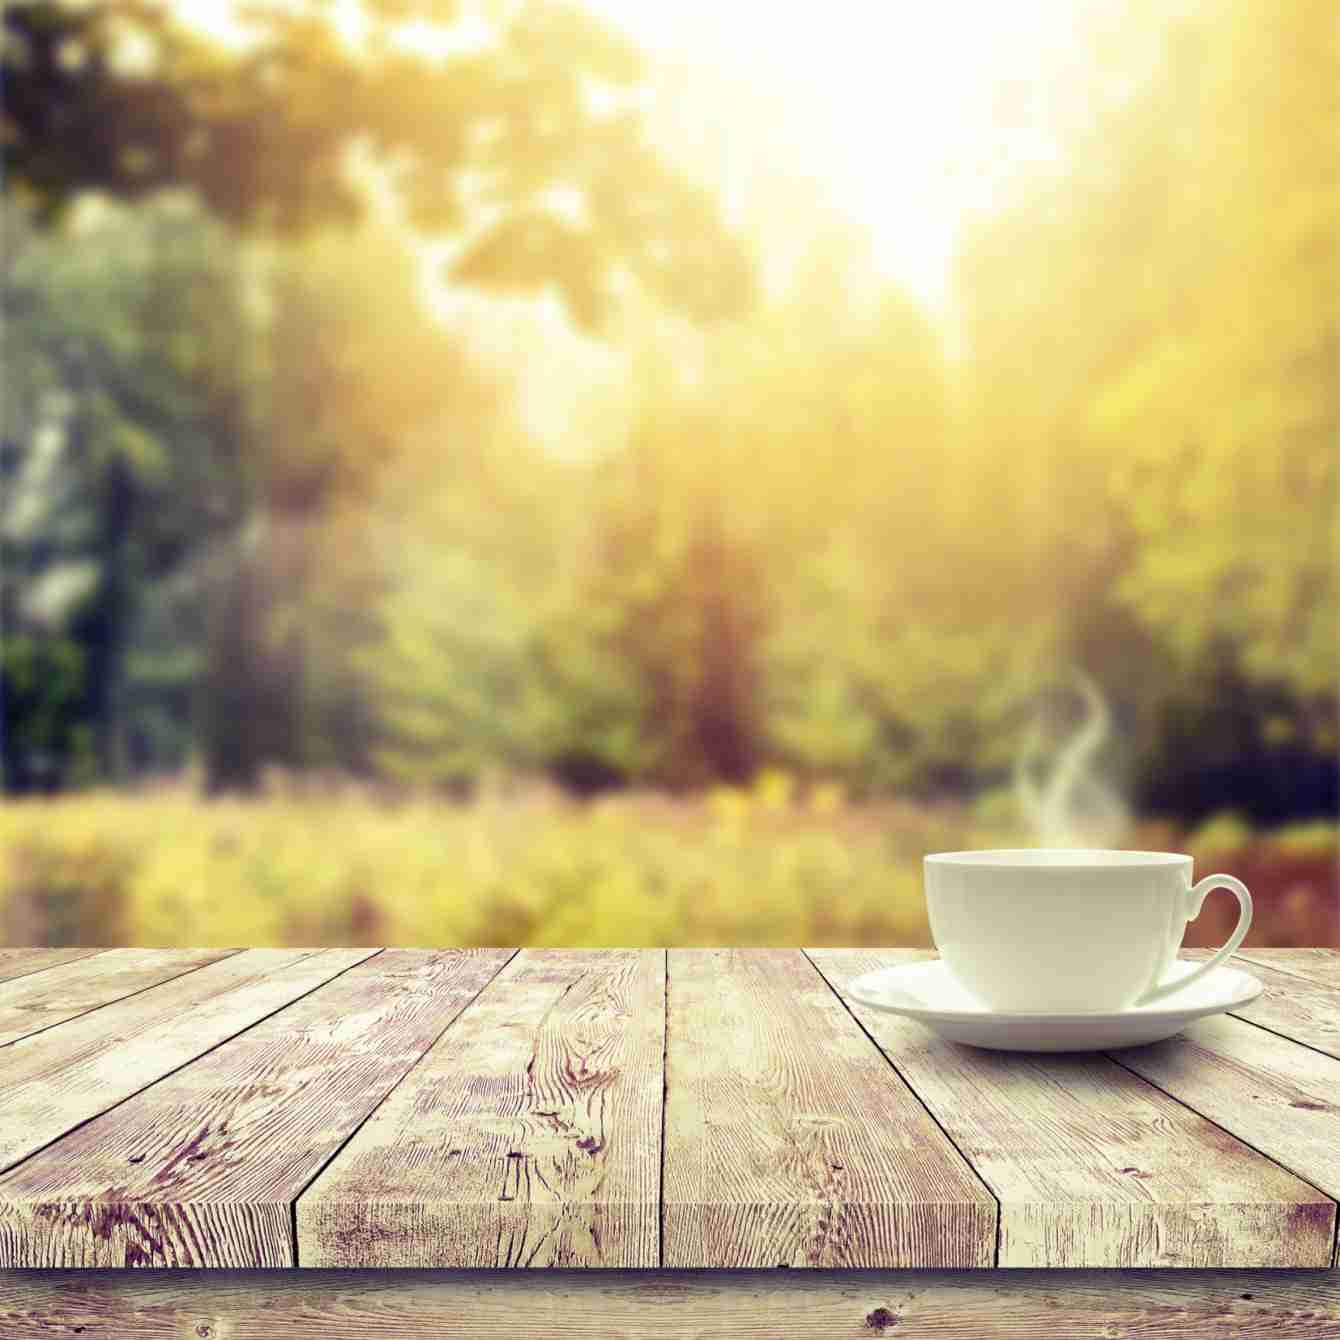 【おはようございます】今朝の気分や気持ちを一言で叫ぶトピ